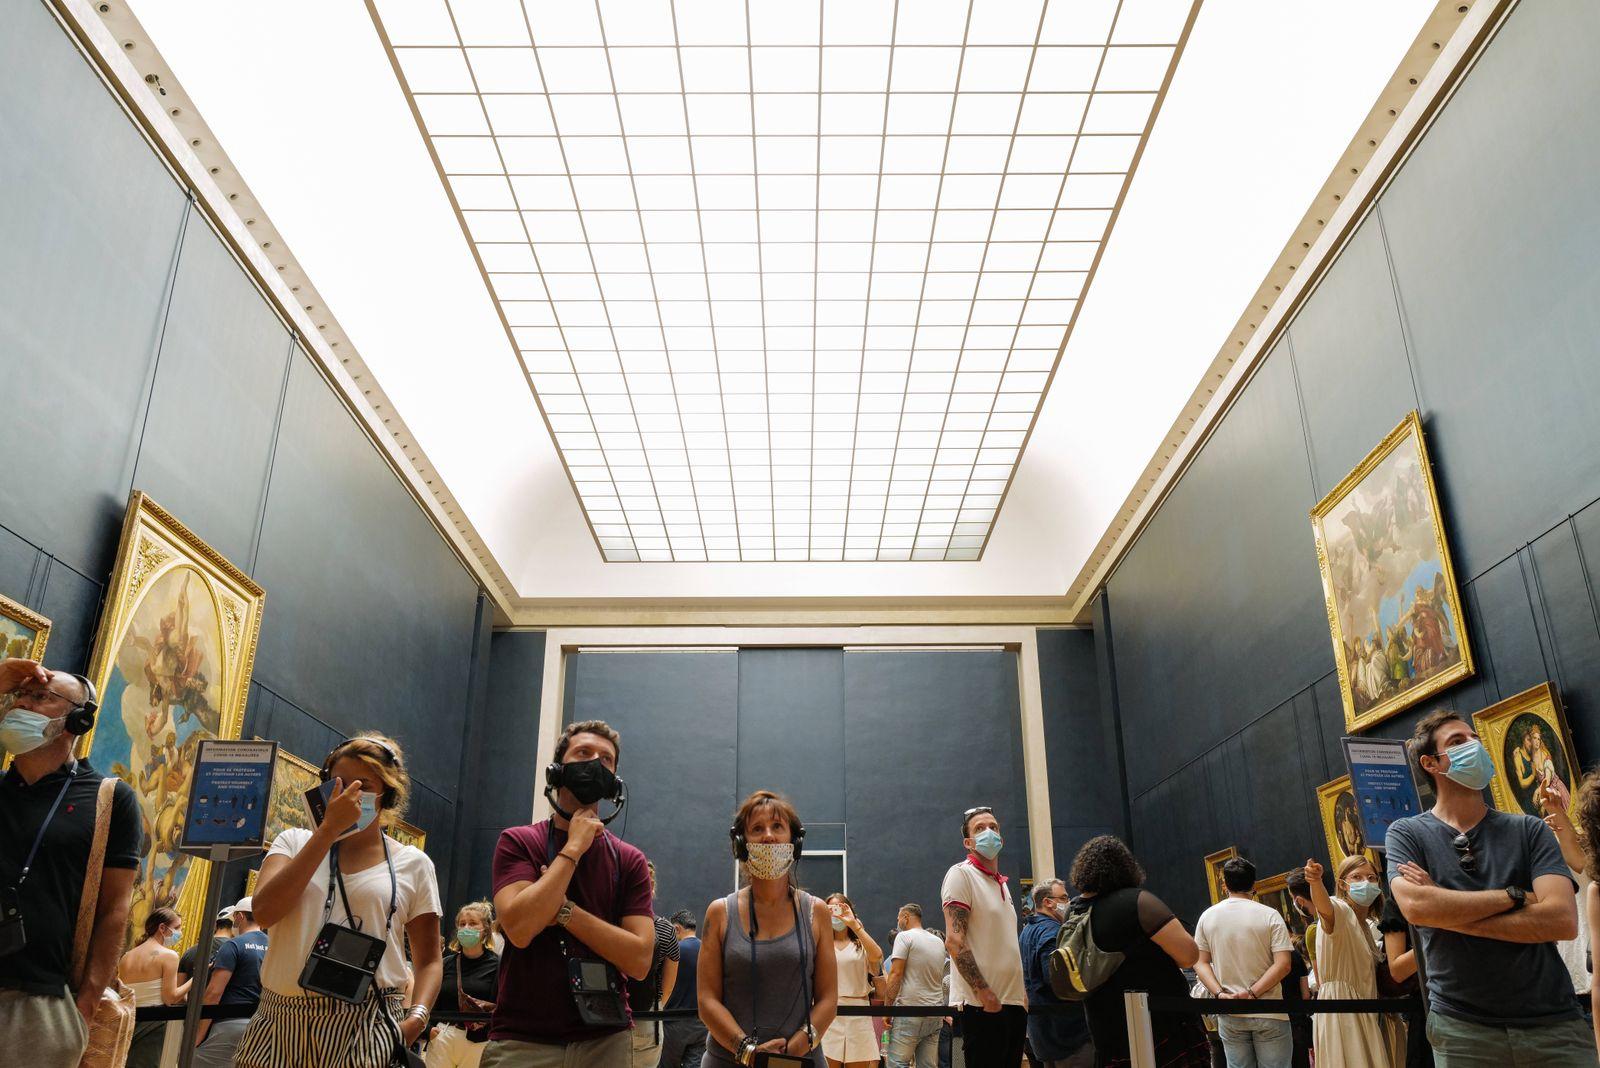 PARIS: Le Musee du Louvre reouvert au Public apres 4 mois de fermeture. Il est necessaire de reserver son billet a l av